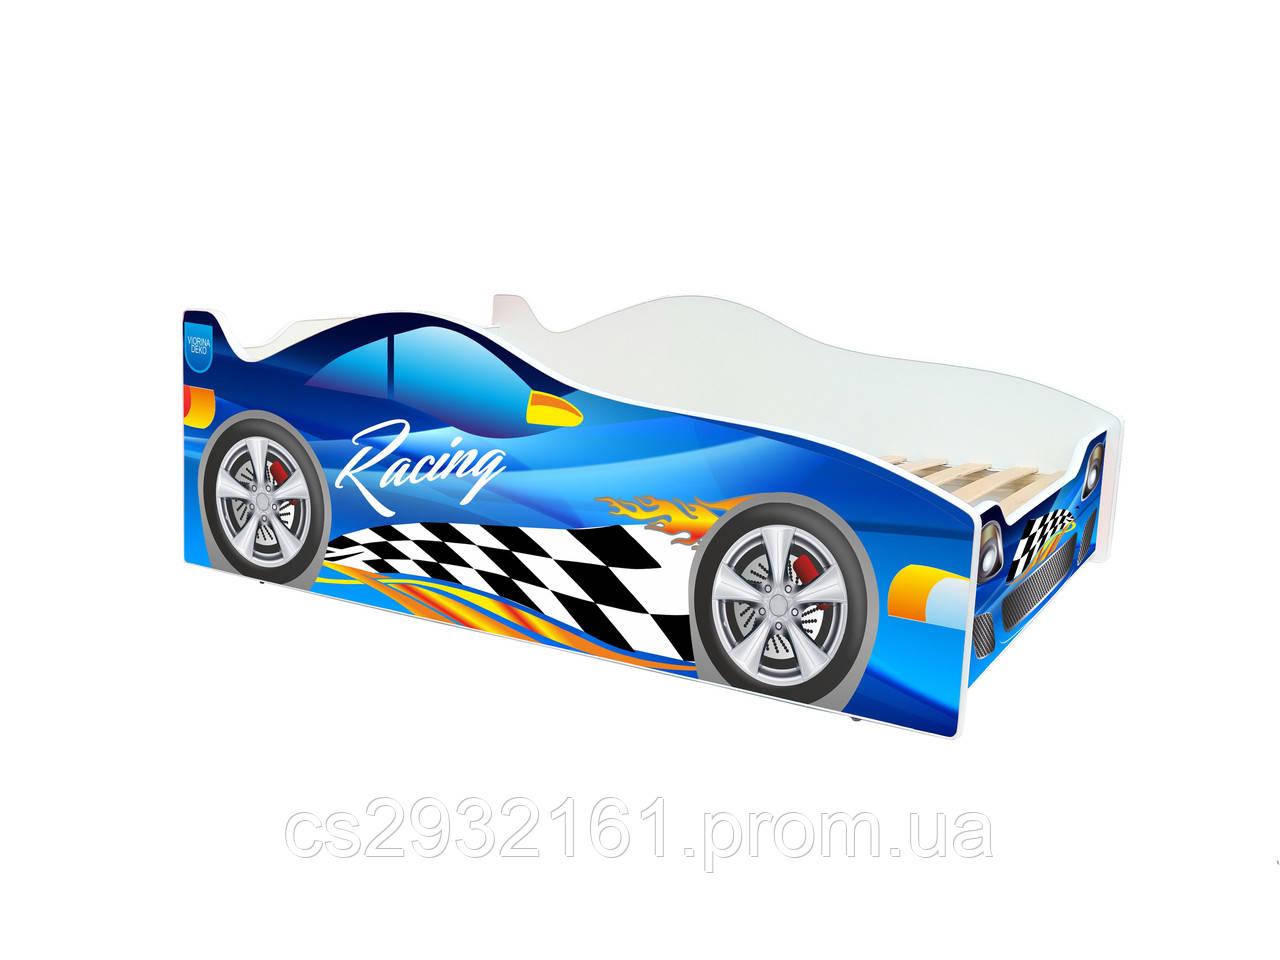 Кровать машина Форсаж Детская кровать машина Форсаж Серия Evolution